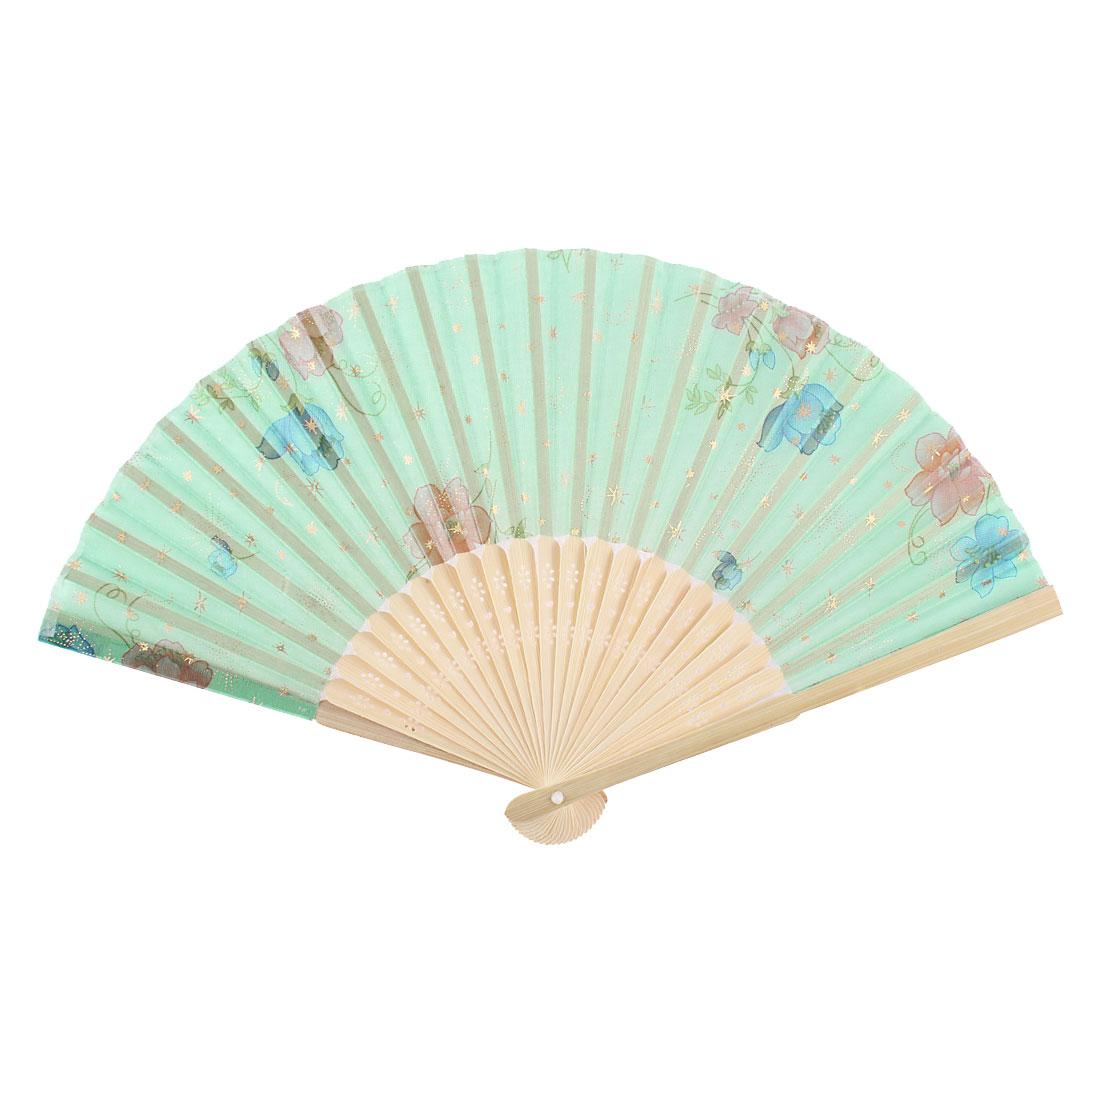 Morning Glory Pattern Wood Rib Folding Summer Hand Fan Green Beige